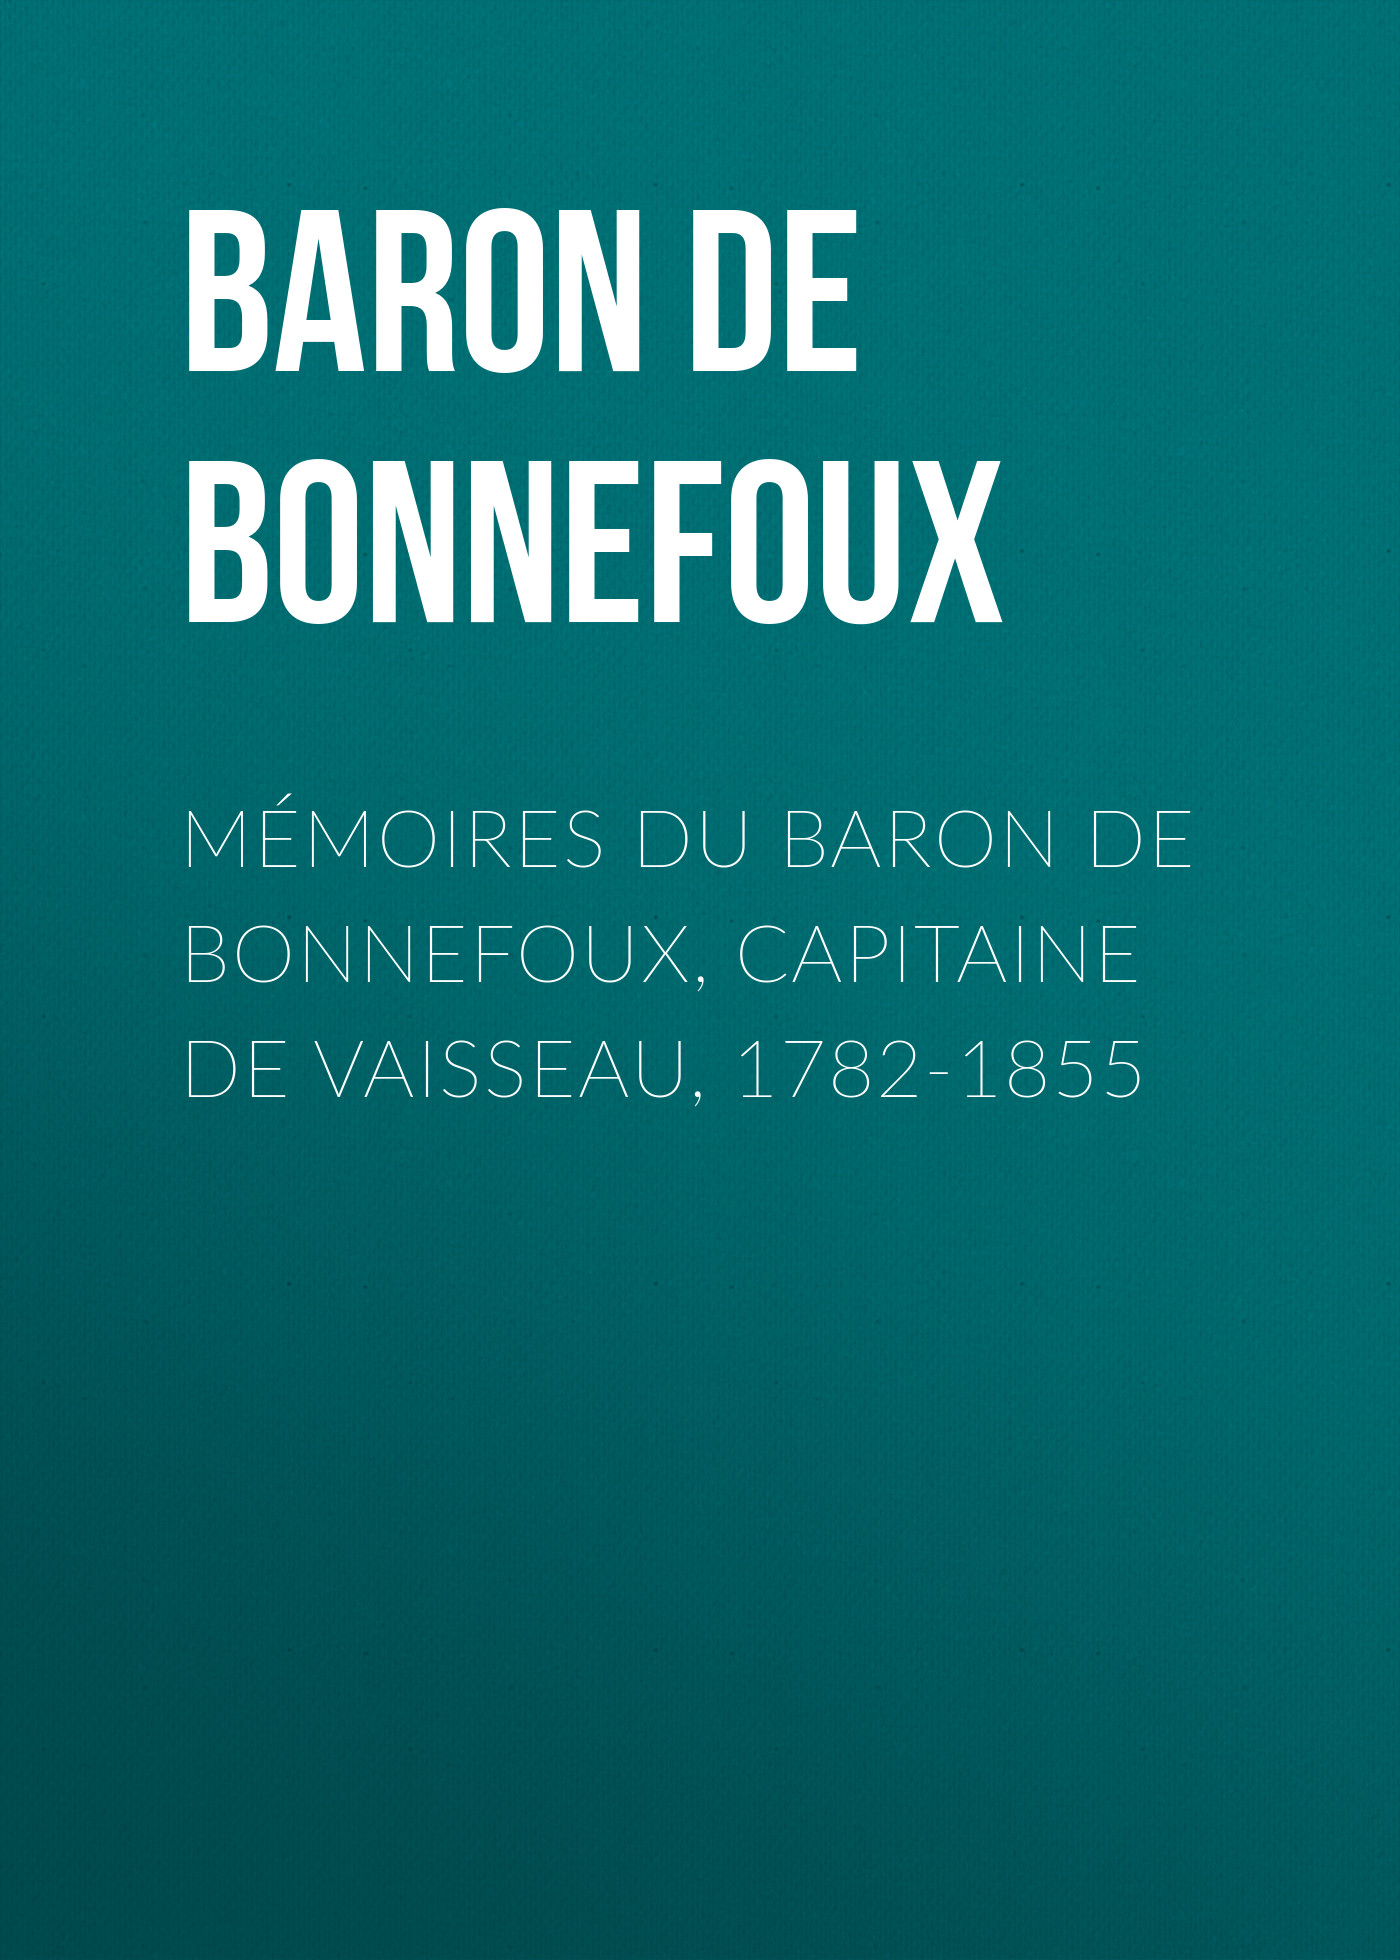 Baron de Pierre-Marie-Joseph Bonnefoux Mémoires du Baron de Bonnefoux, Capitaine de vaisseau, 1782-1855 robert f randle geneva 1954 the settlement of the indochinese war